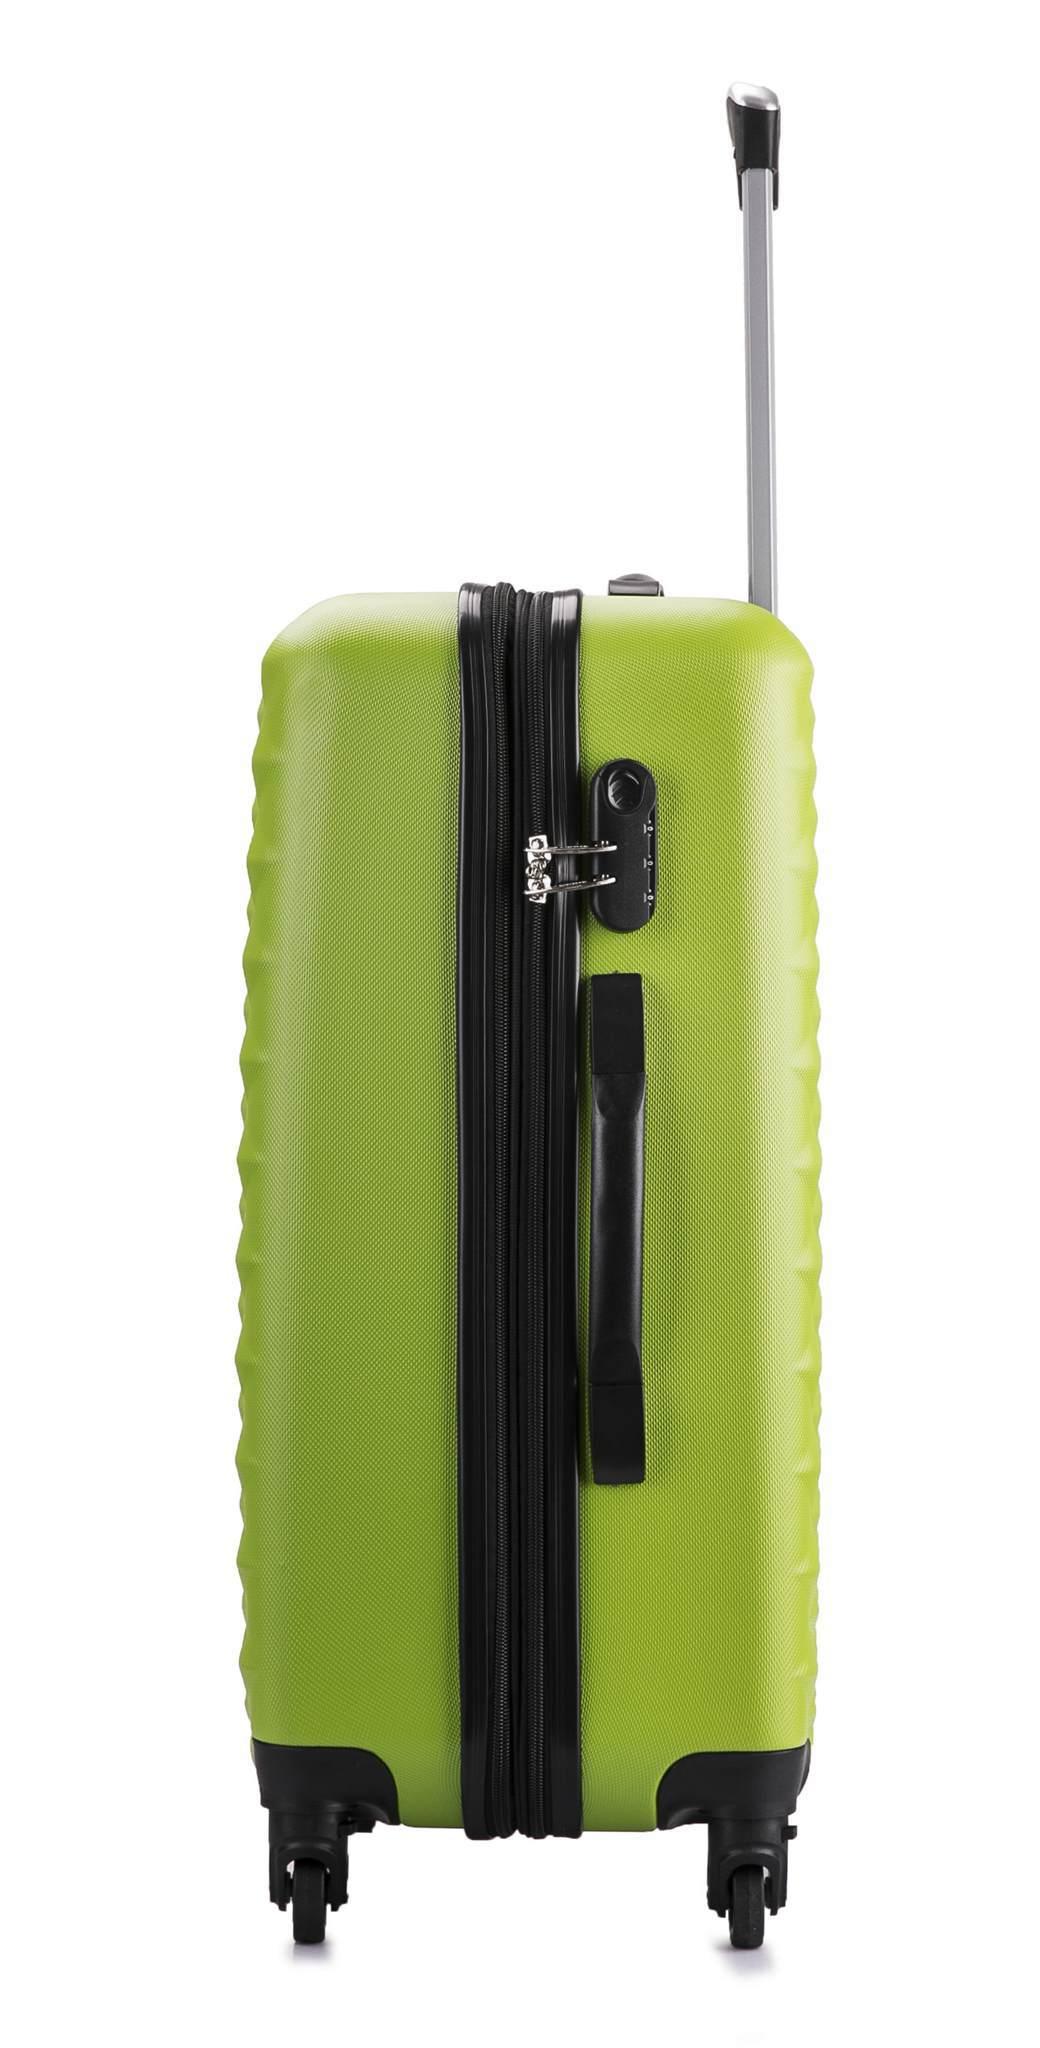 Чемодан с расширением L'case Phatthaya-20 Зеленый ручная кладь (S)